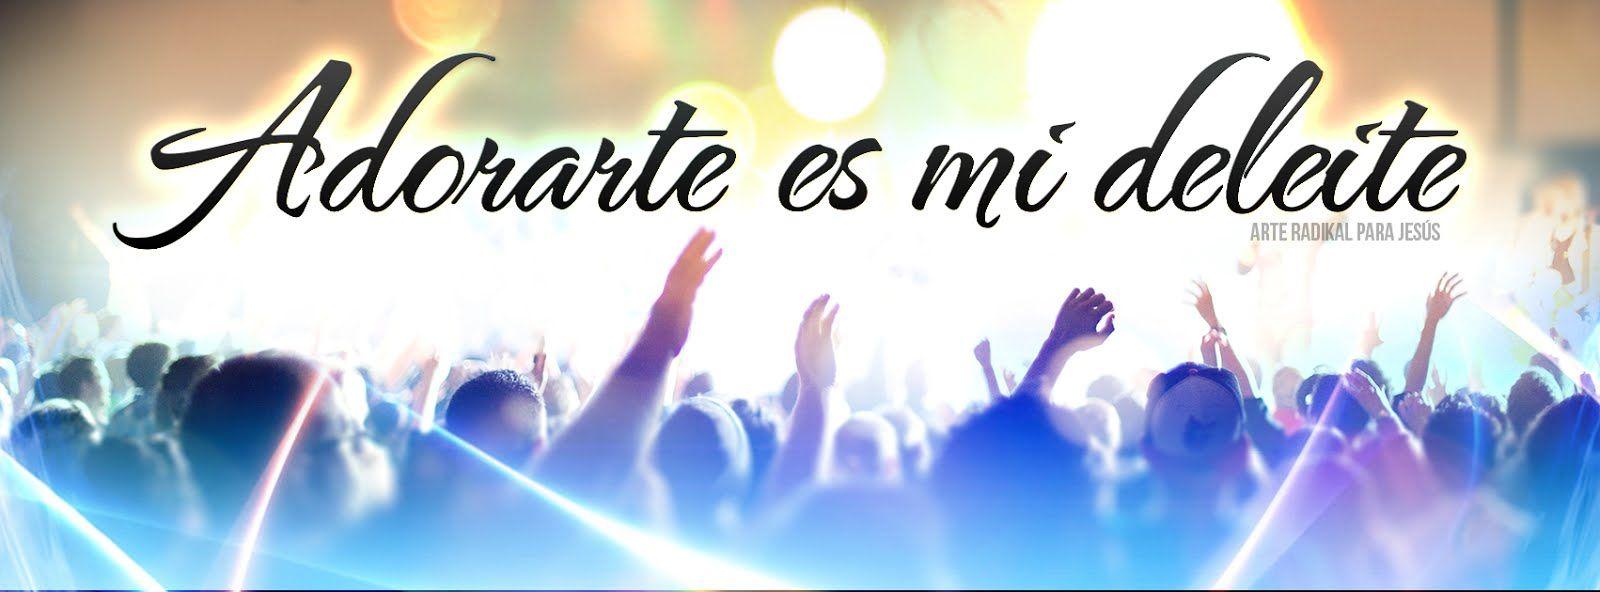 Imagenes Cristianas Para Jovenes Para Facebook De Portada Buscar